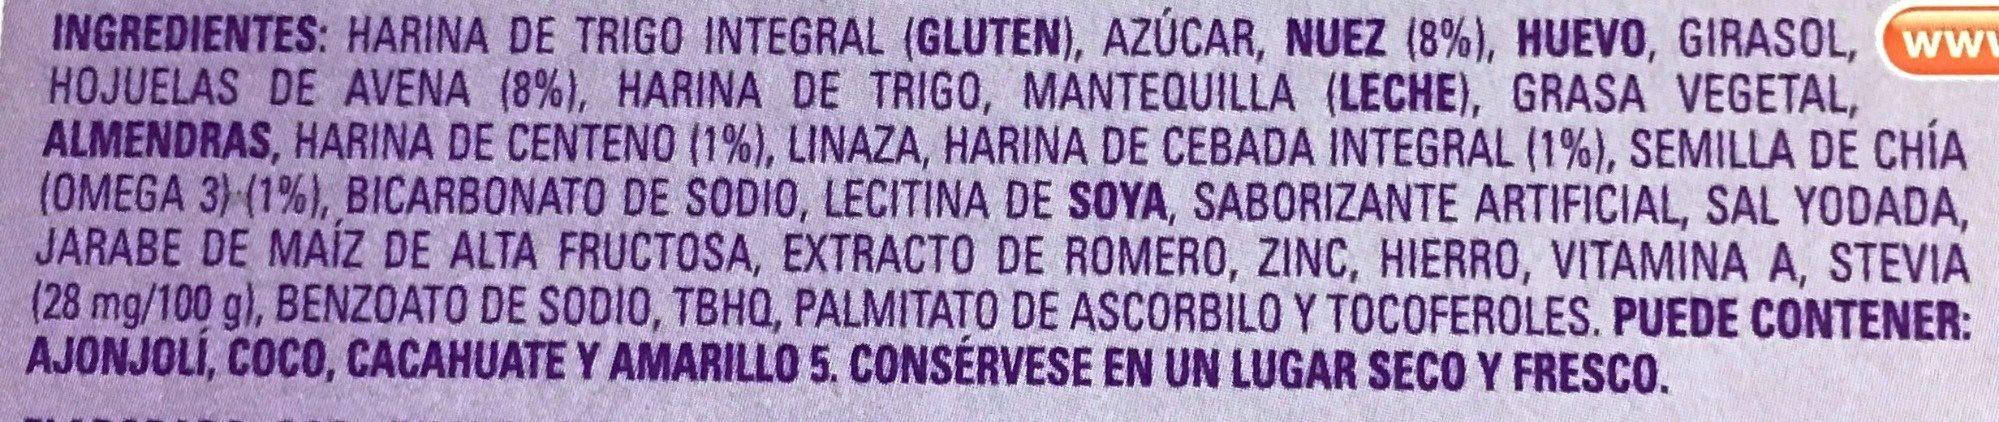 Multigrano Chía - Ingrédients - es